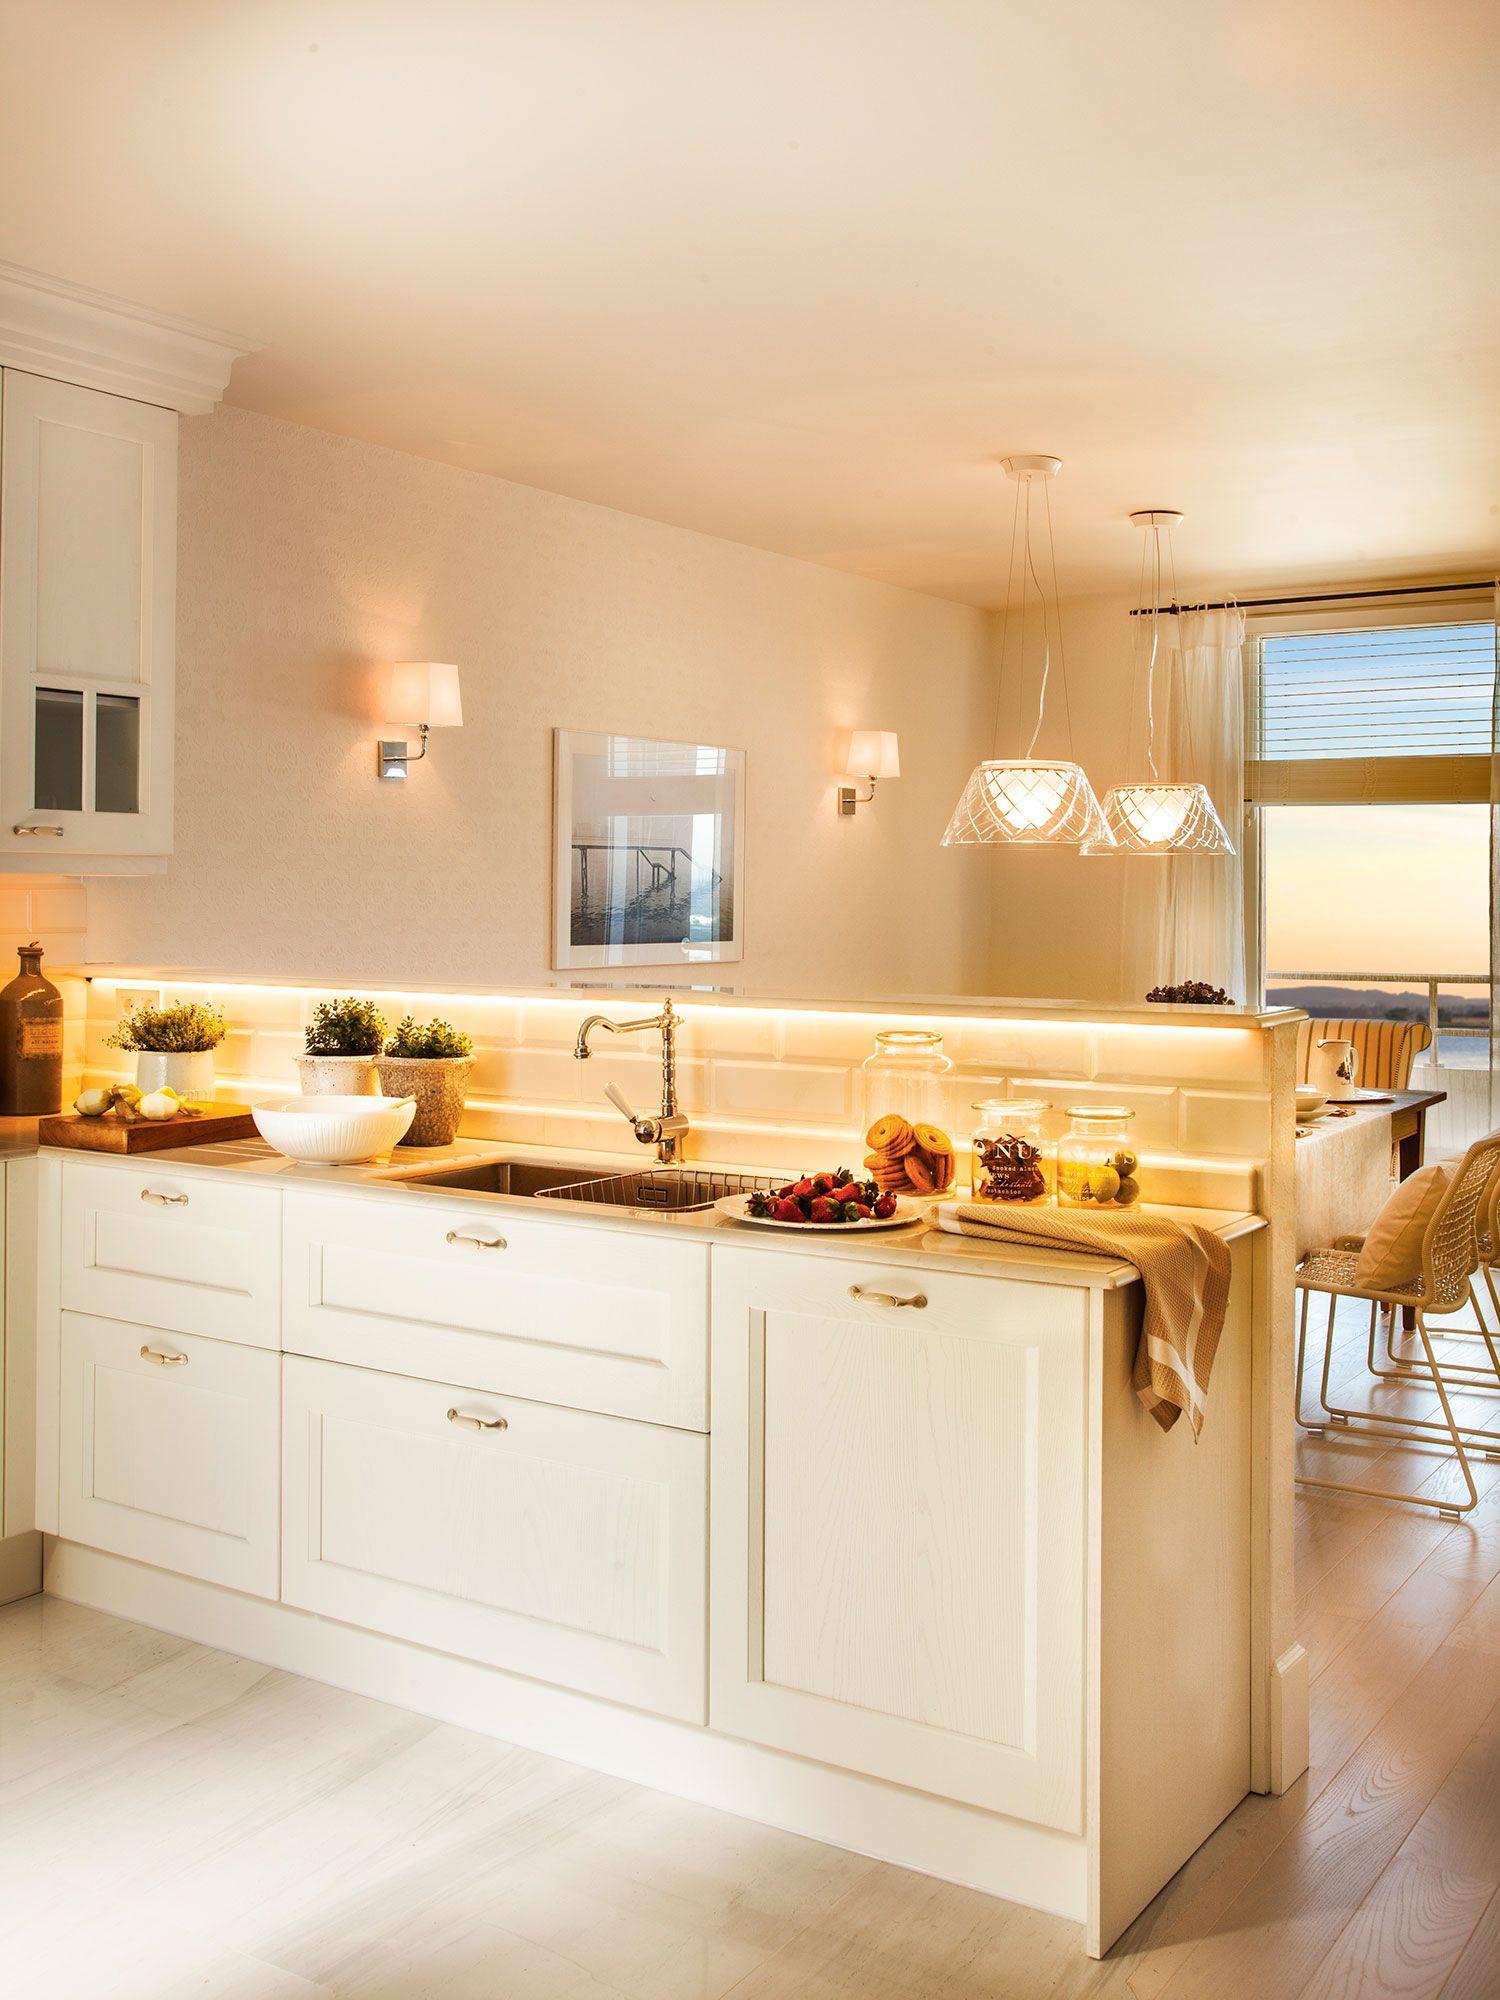 Cocina abierta al comedor | Cocinas abiertas, Cocinas y El comedor